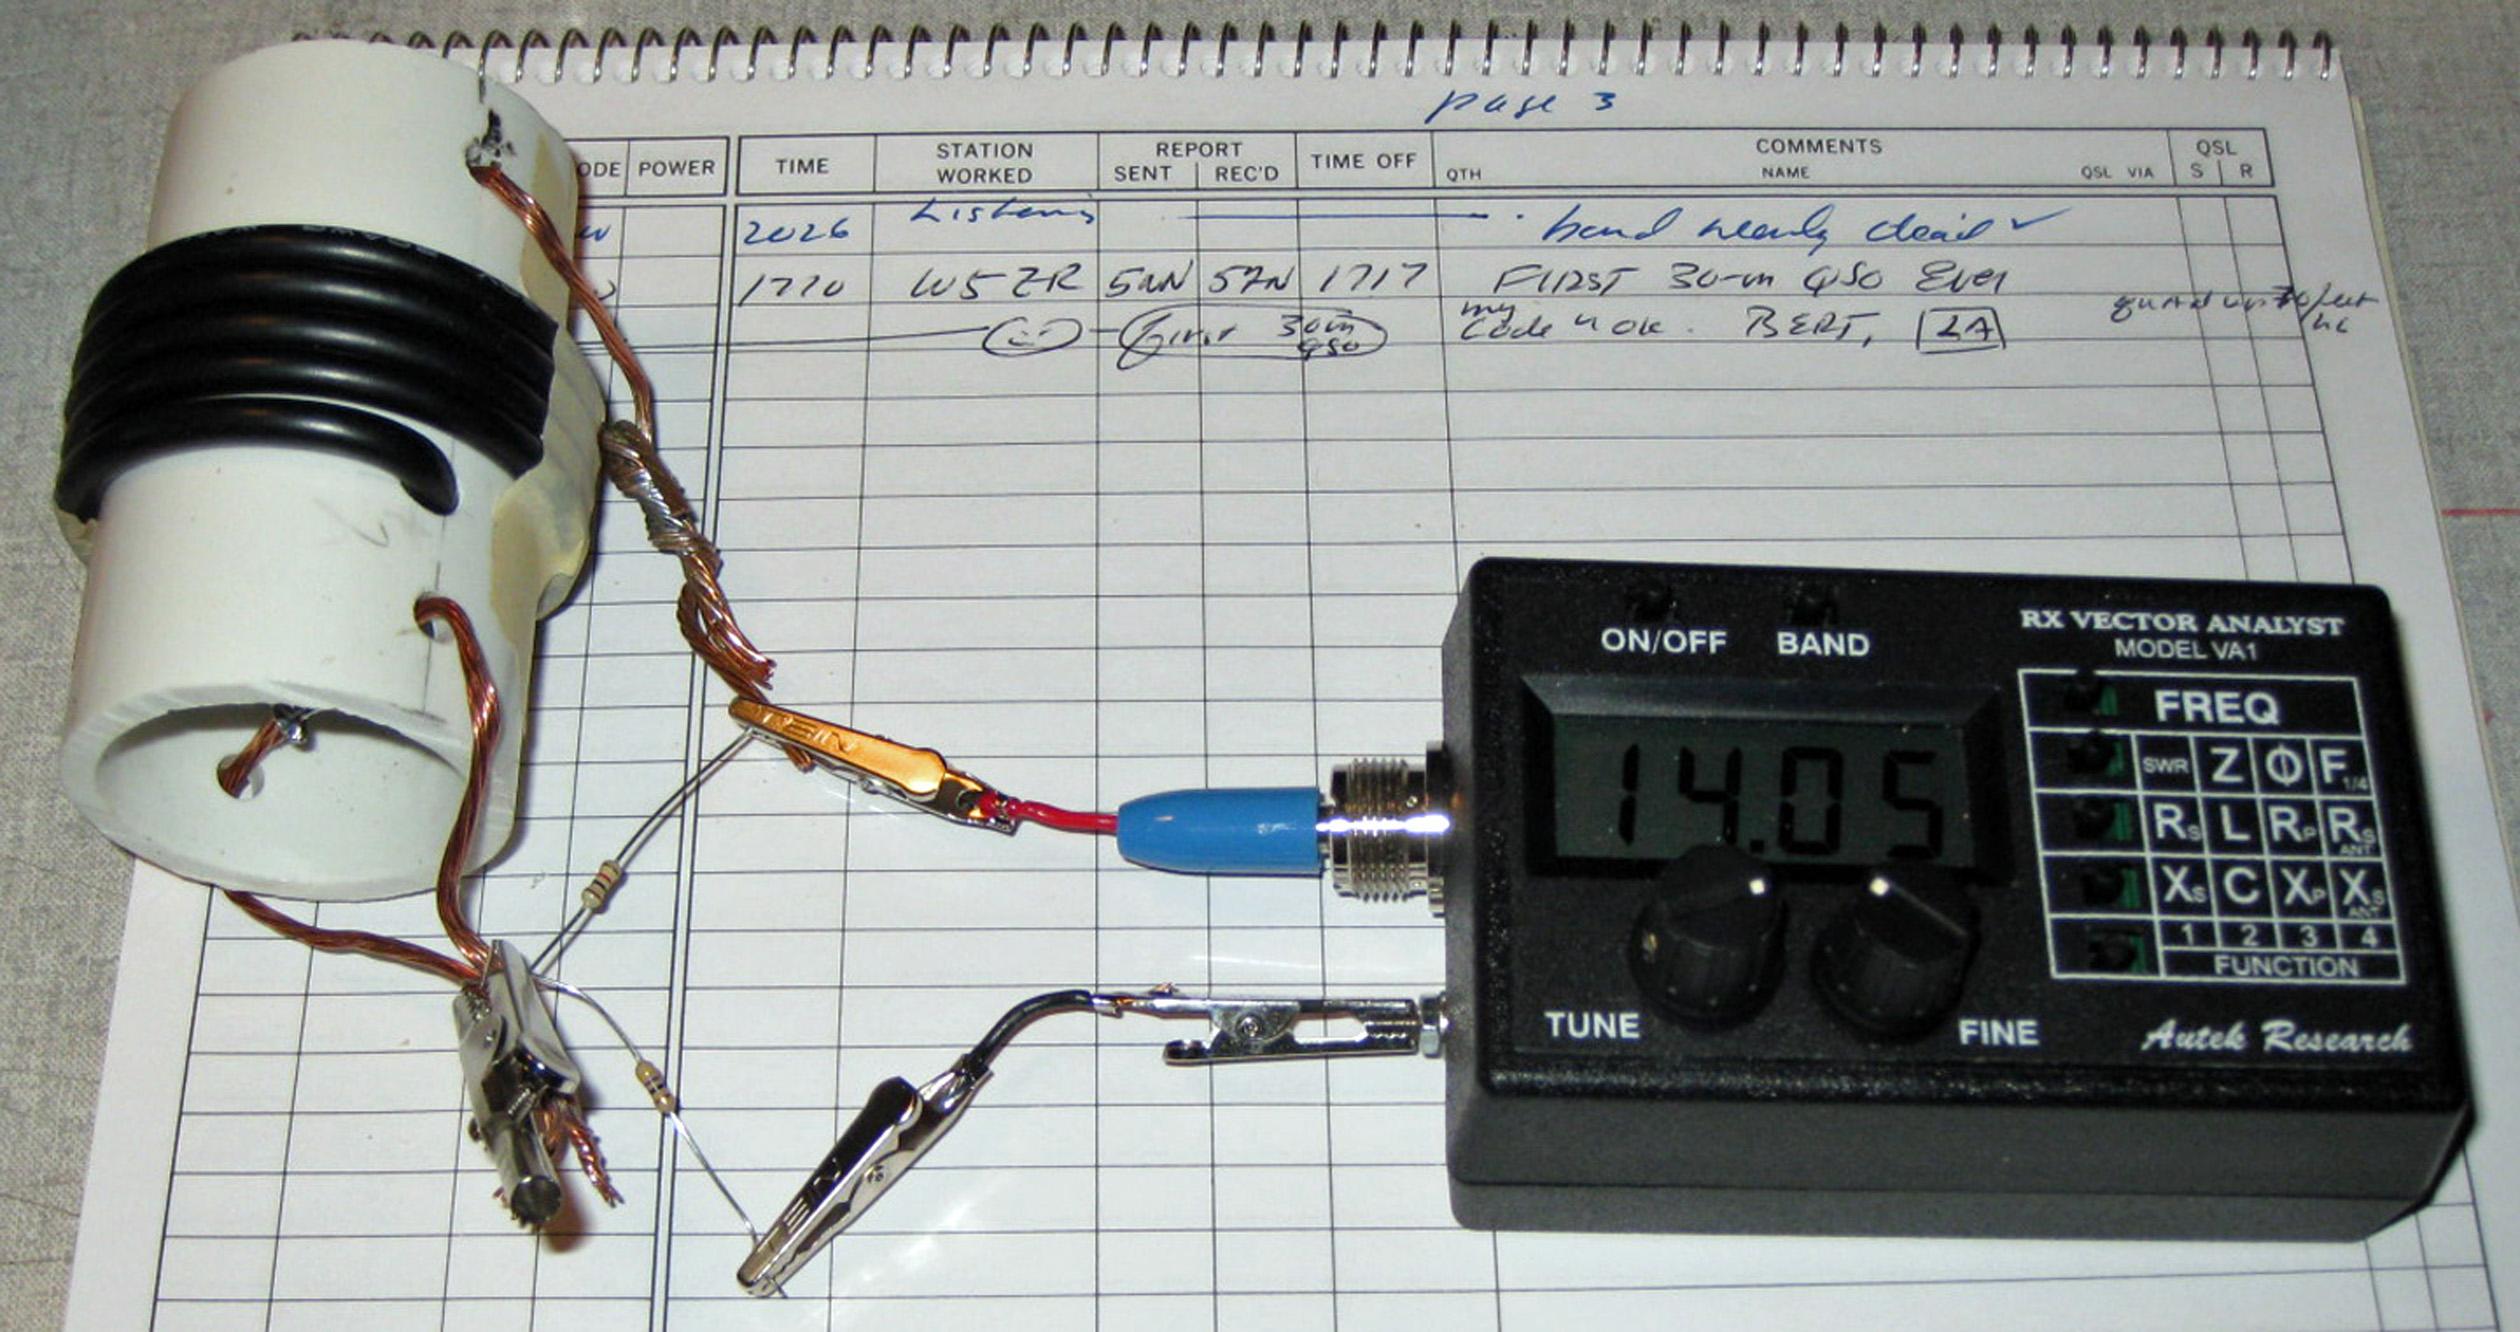 20 30 meter trap antenna w0xi for Meter trap